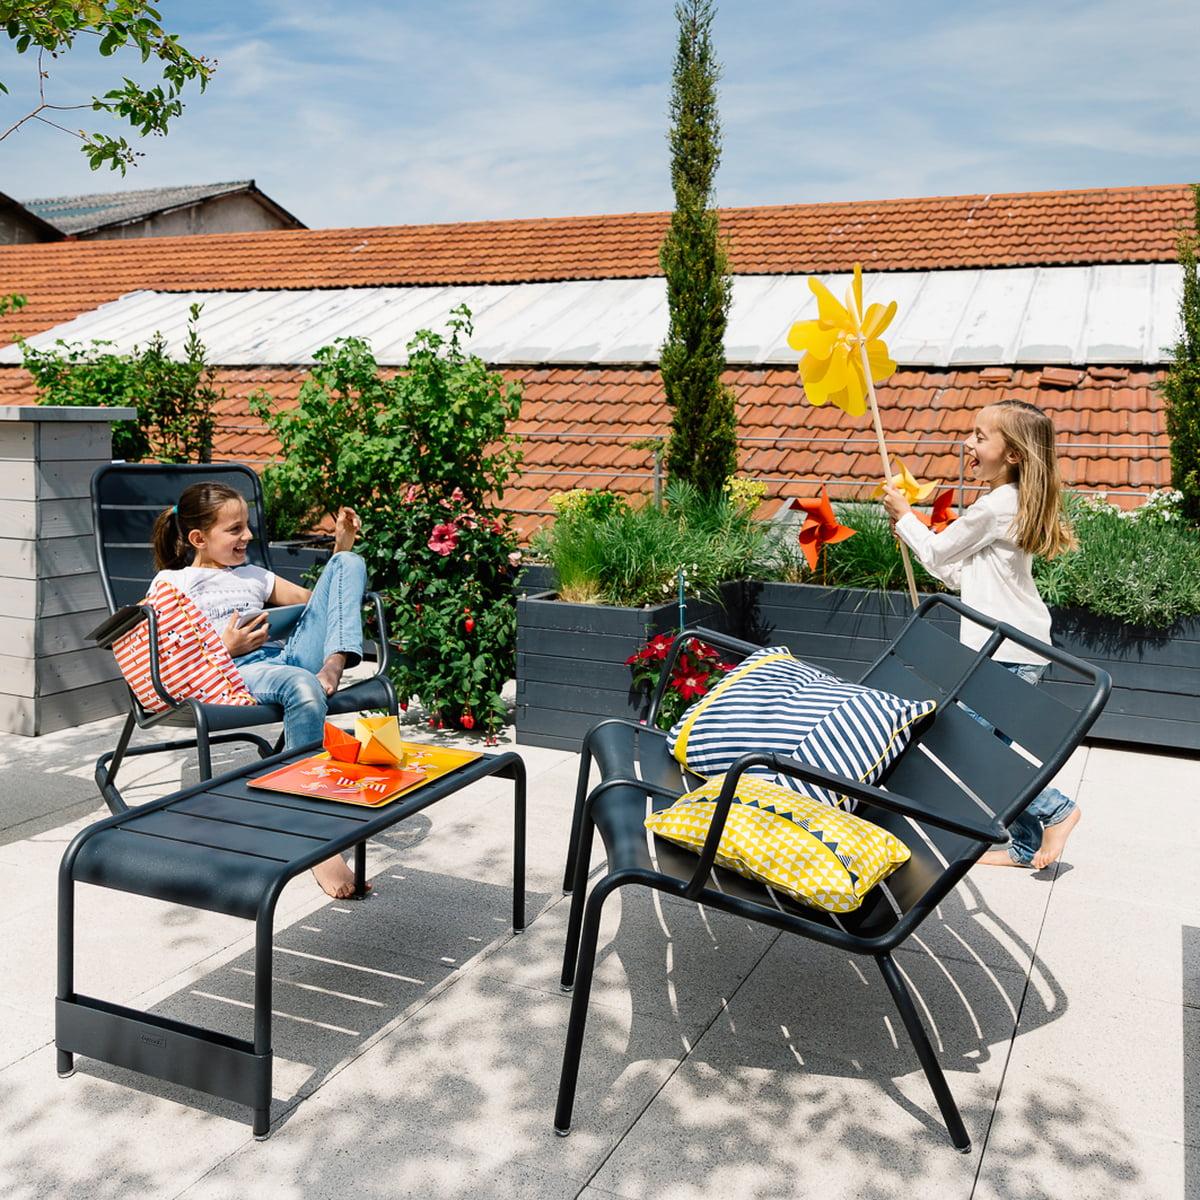 Fermob - Table Basse Large / Banc De Jardin Luxembourg, Blanc Coton à Fermob Jardin Du Luxembourg